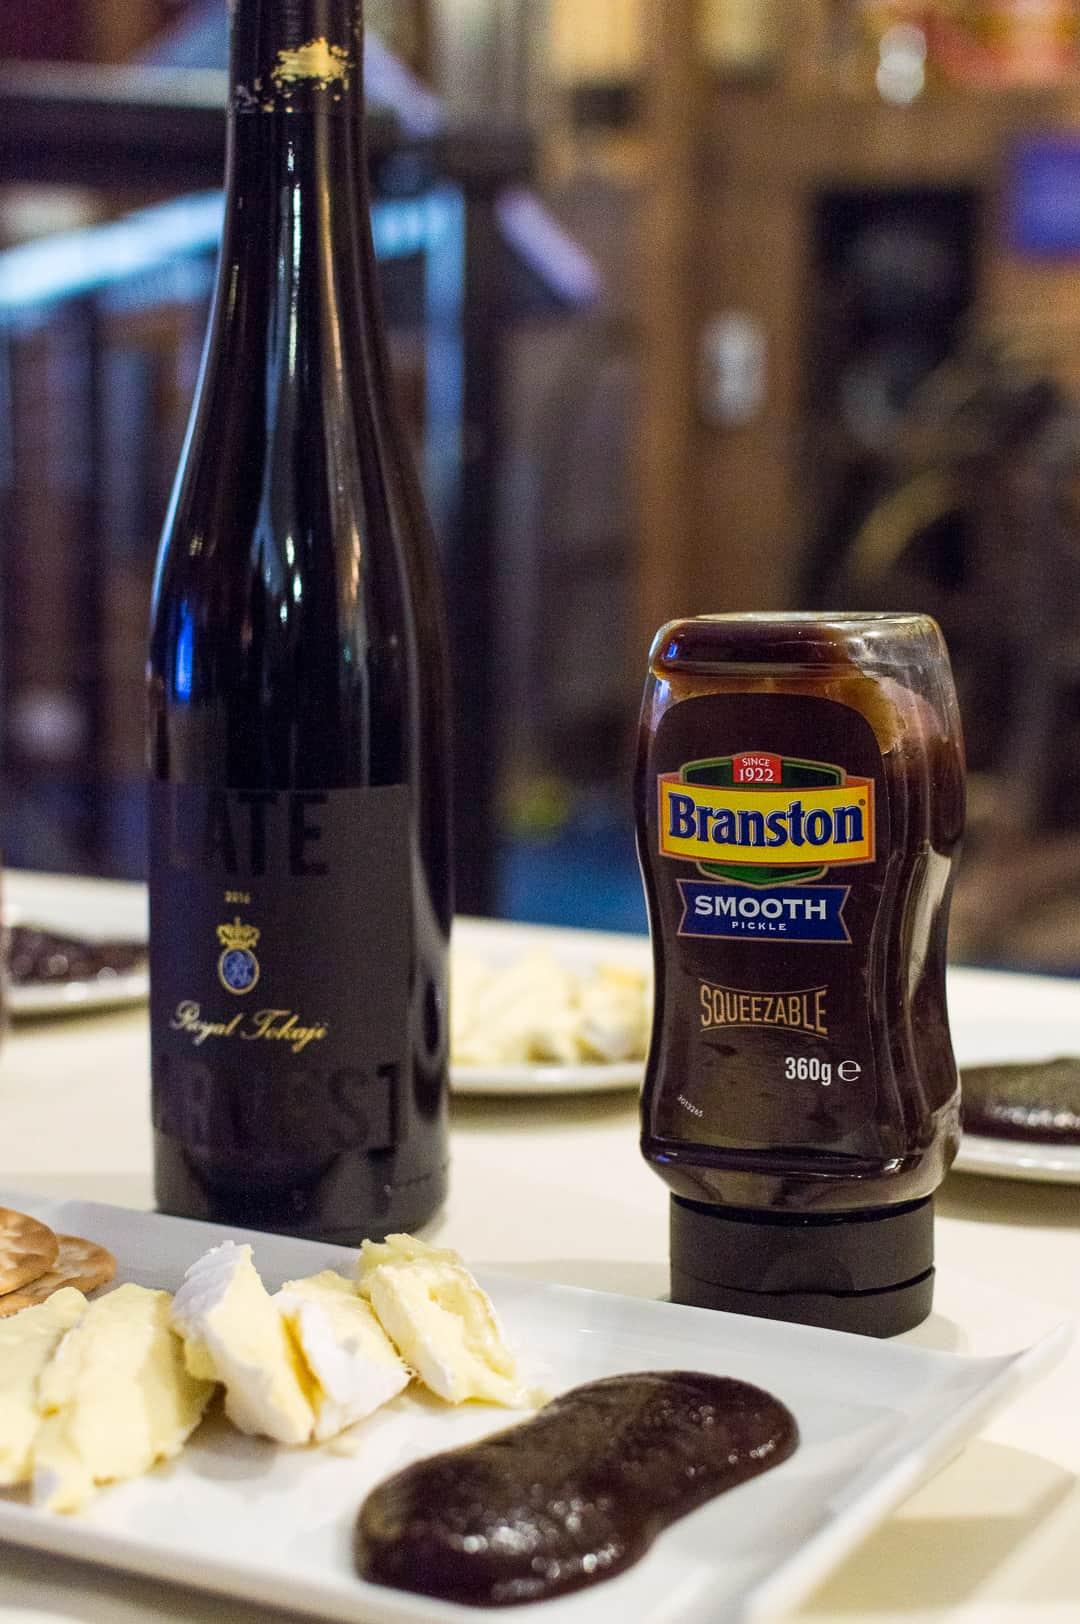 dessert wine, brie, smooth, squeezy Branston pickle